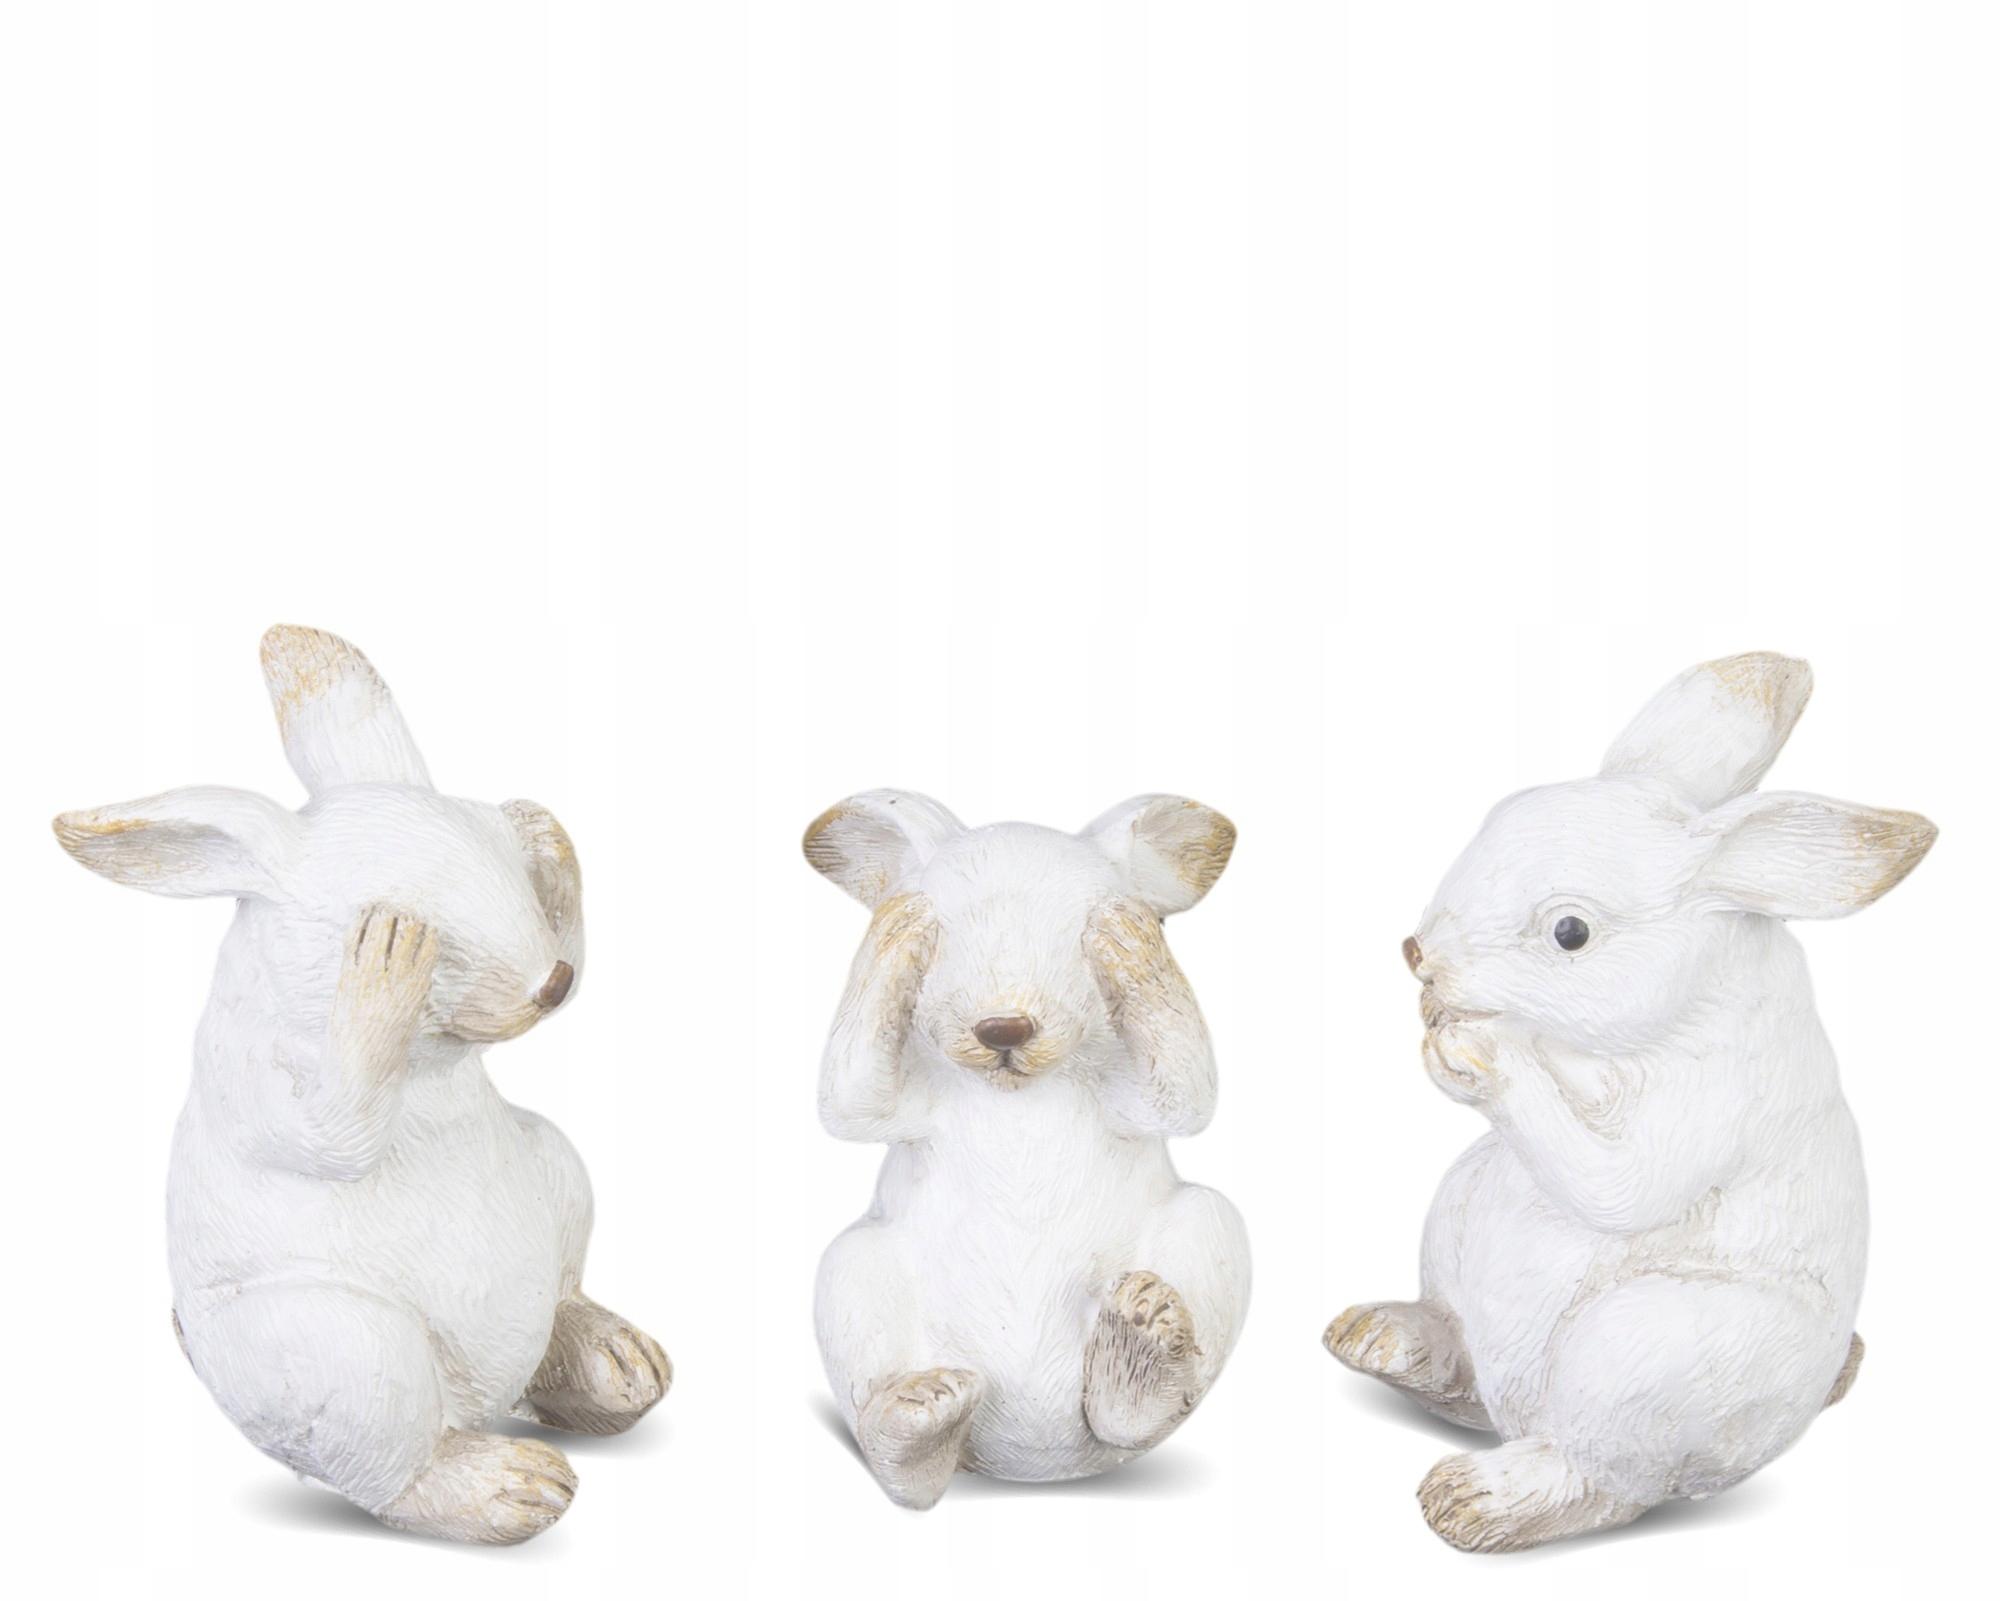 Figurka Królik biały wielkanocny ozdoba 8x4,5cm